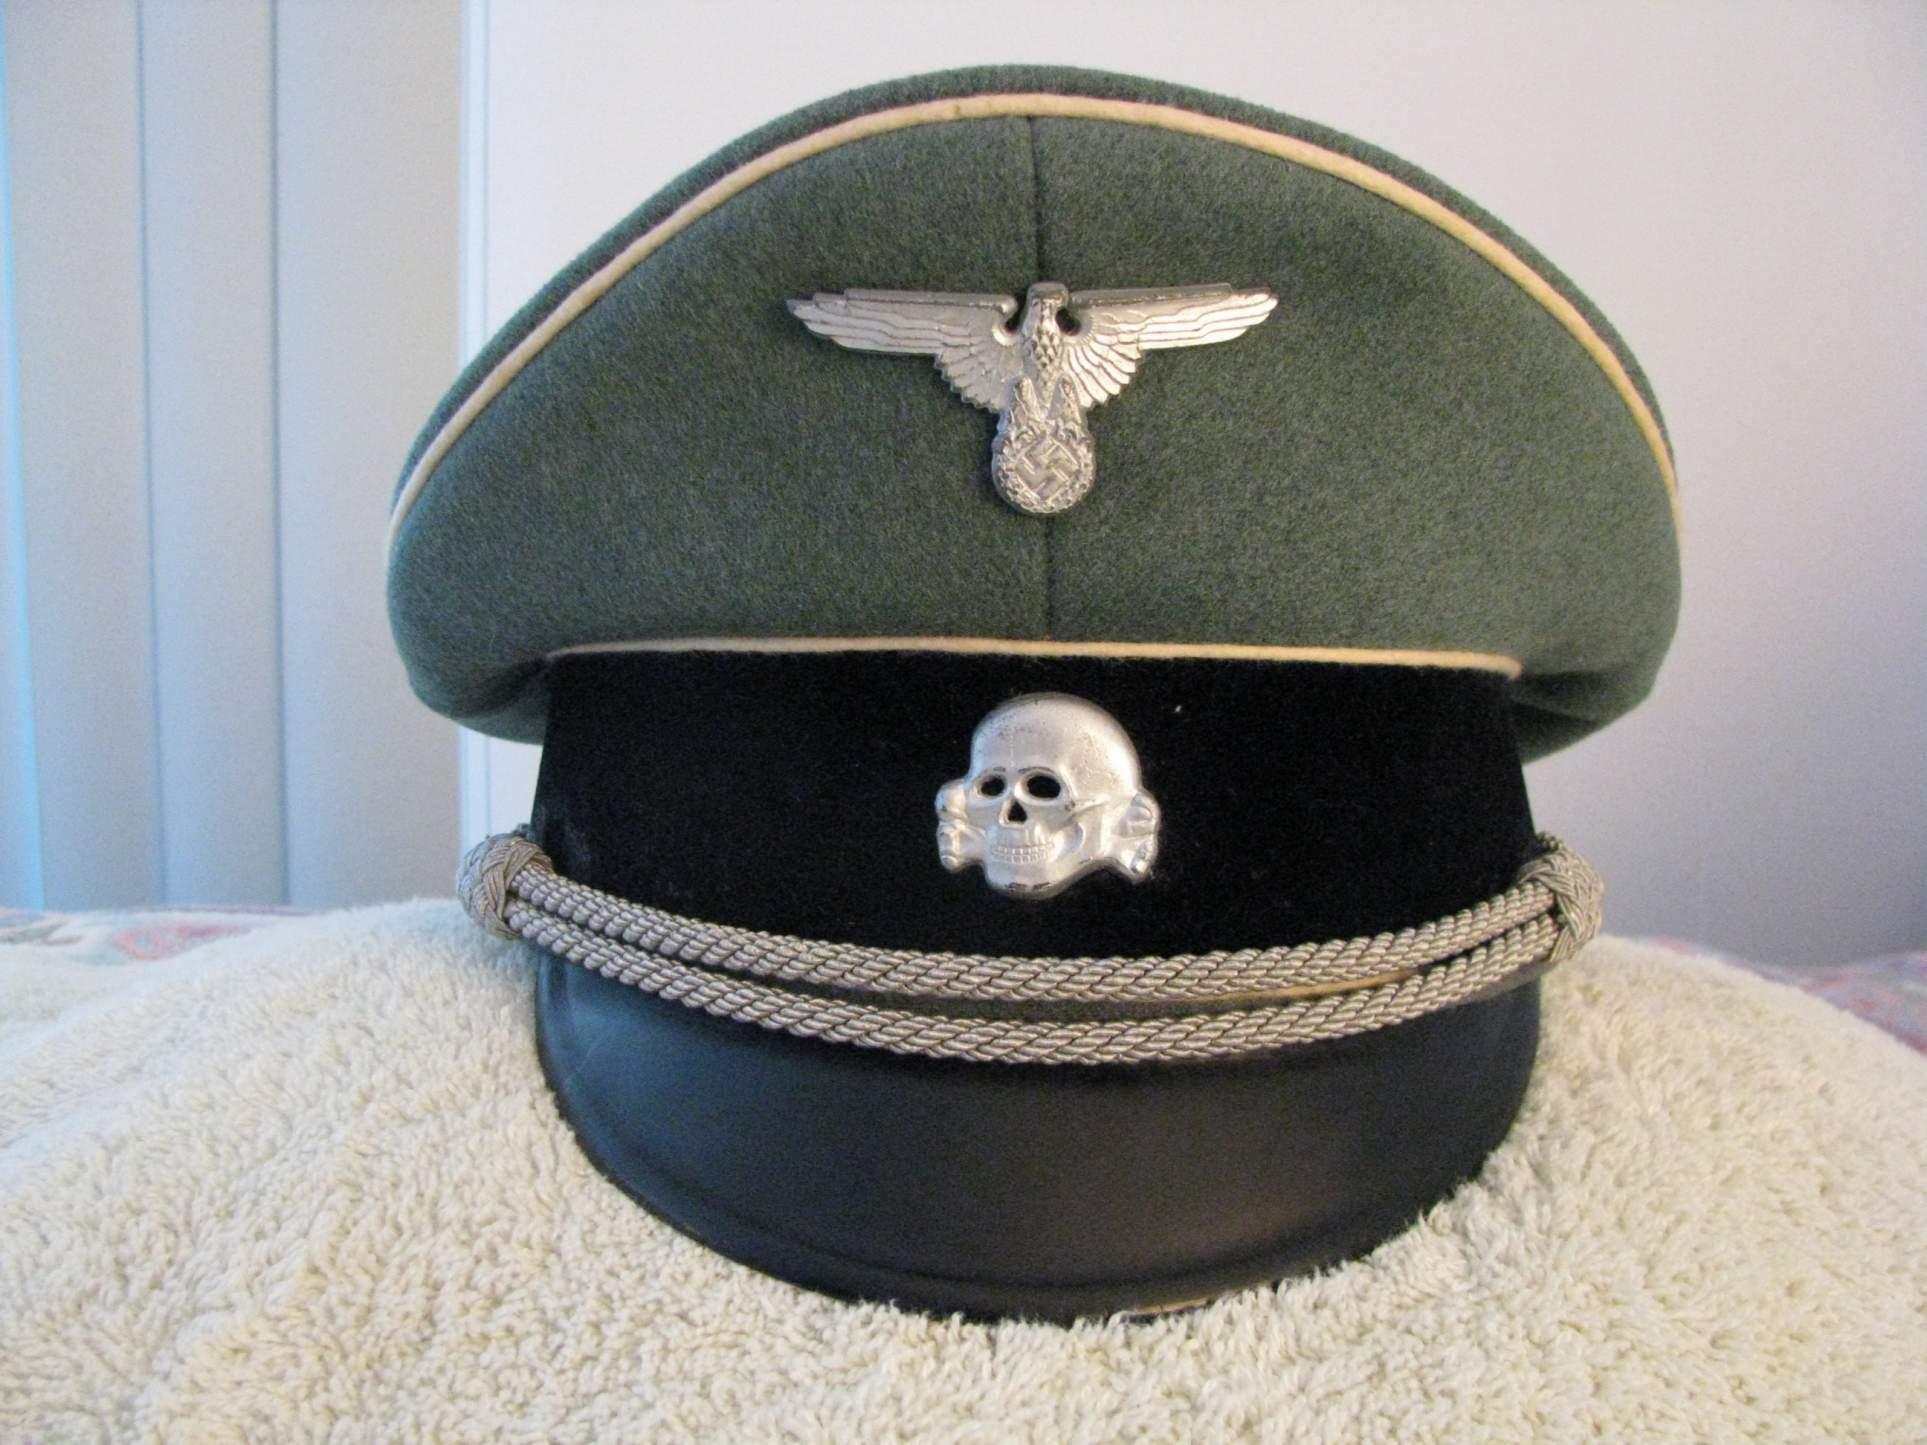 14450d1221432124-waffen-ss-      Waffen Ss Skull